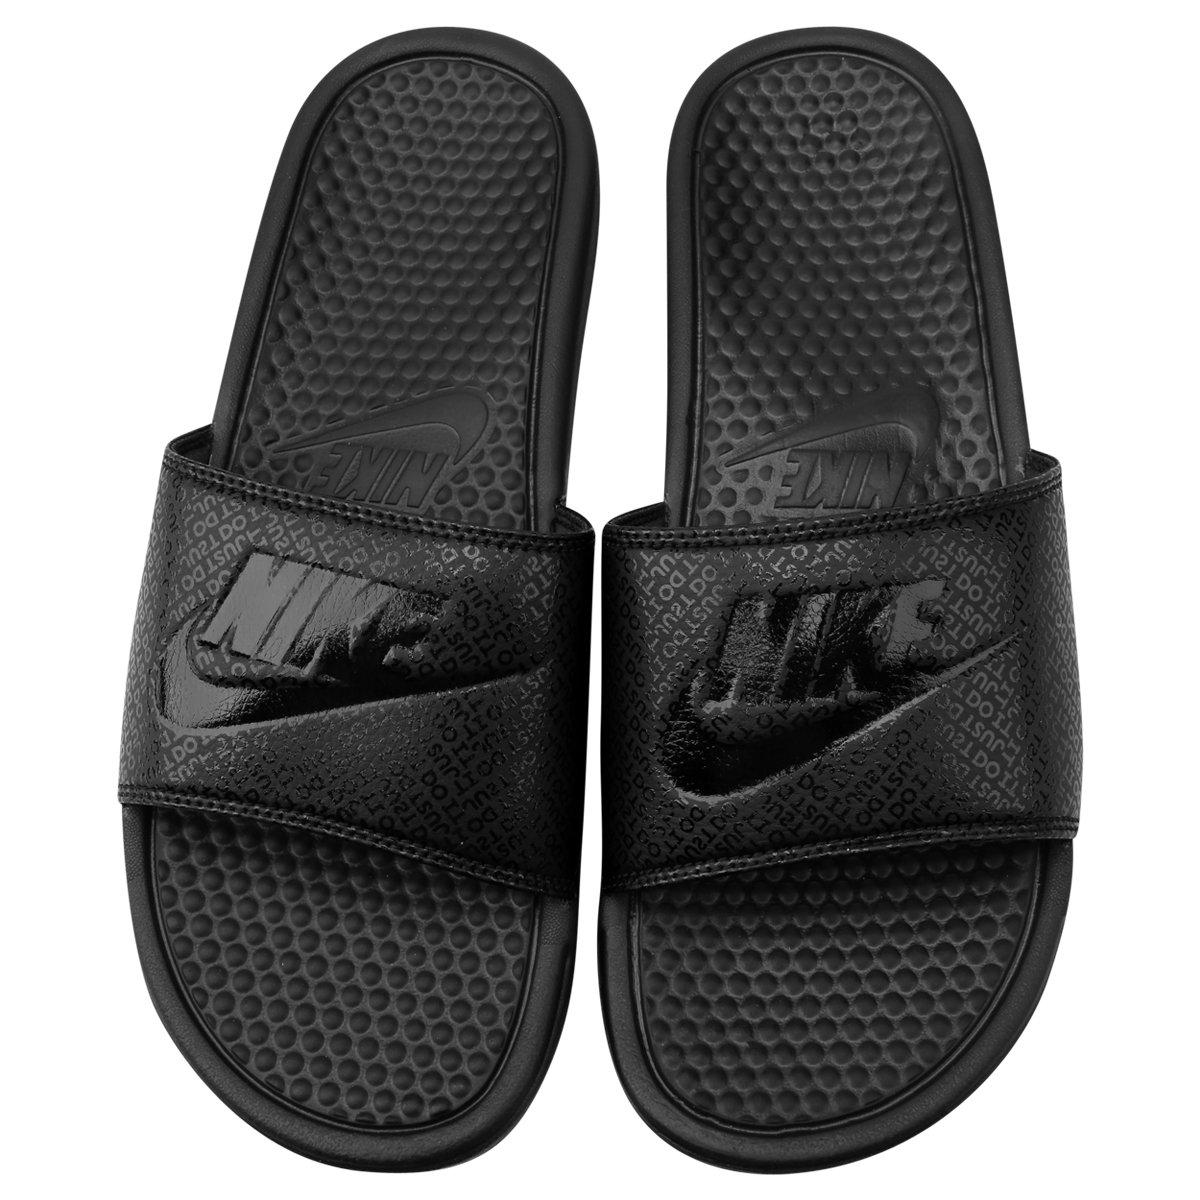 Sandália Nike Benassi JDI Masculina - Preto - Compre Agora  a4d7a541f75